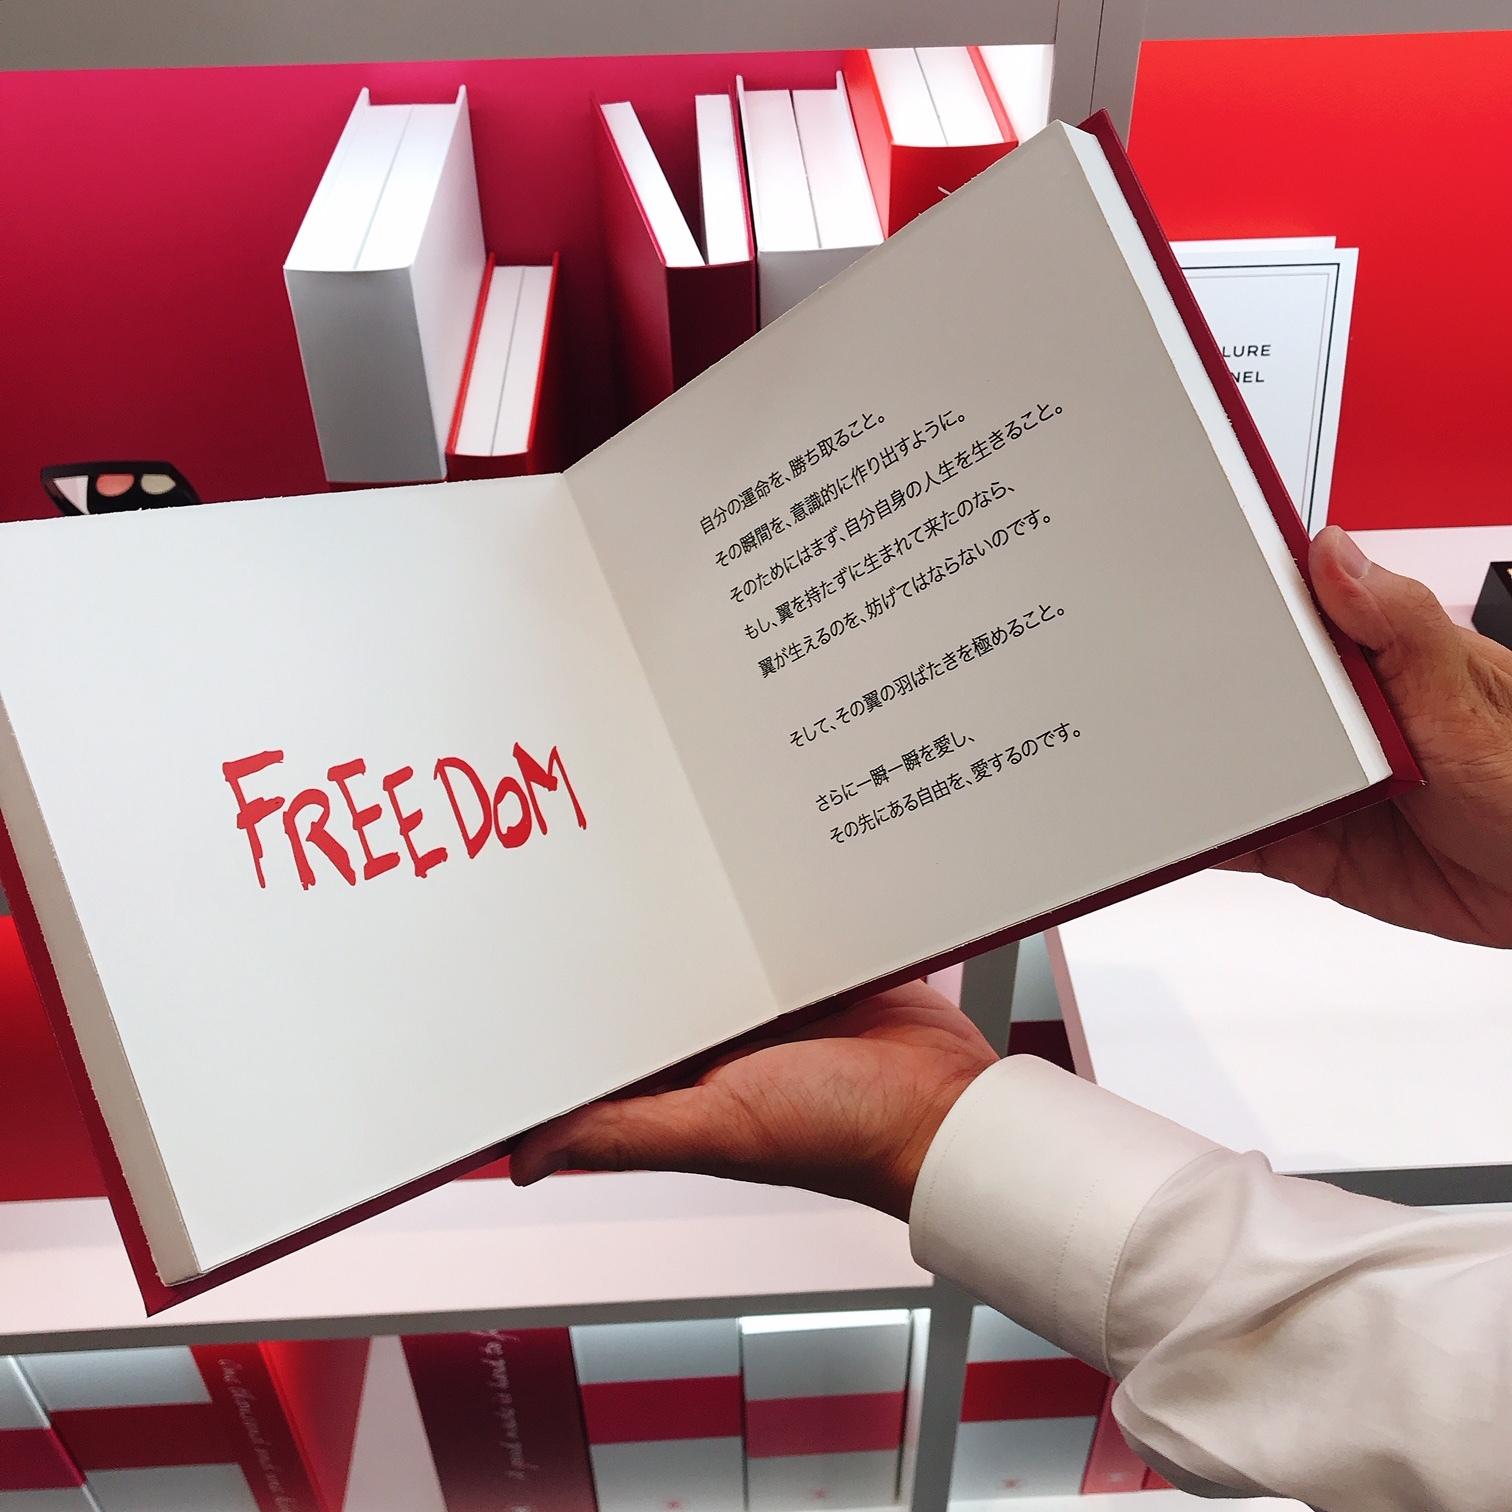 シャネルのポップアップ、THE INK LIBRARYで好きな言葉を選んでプレゼントをゲット